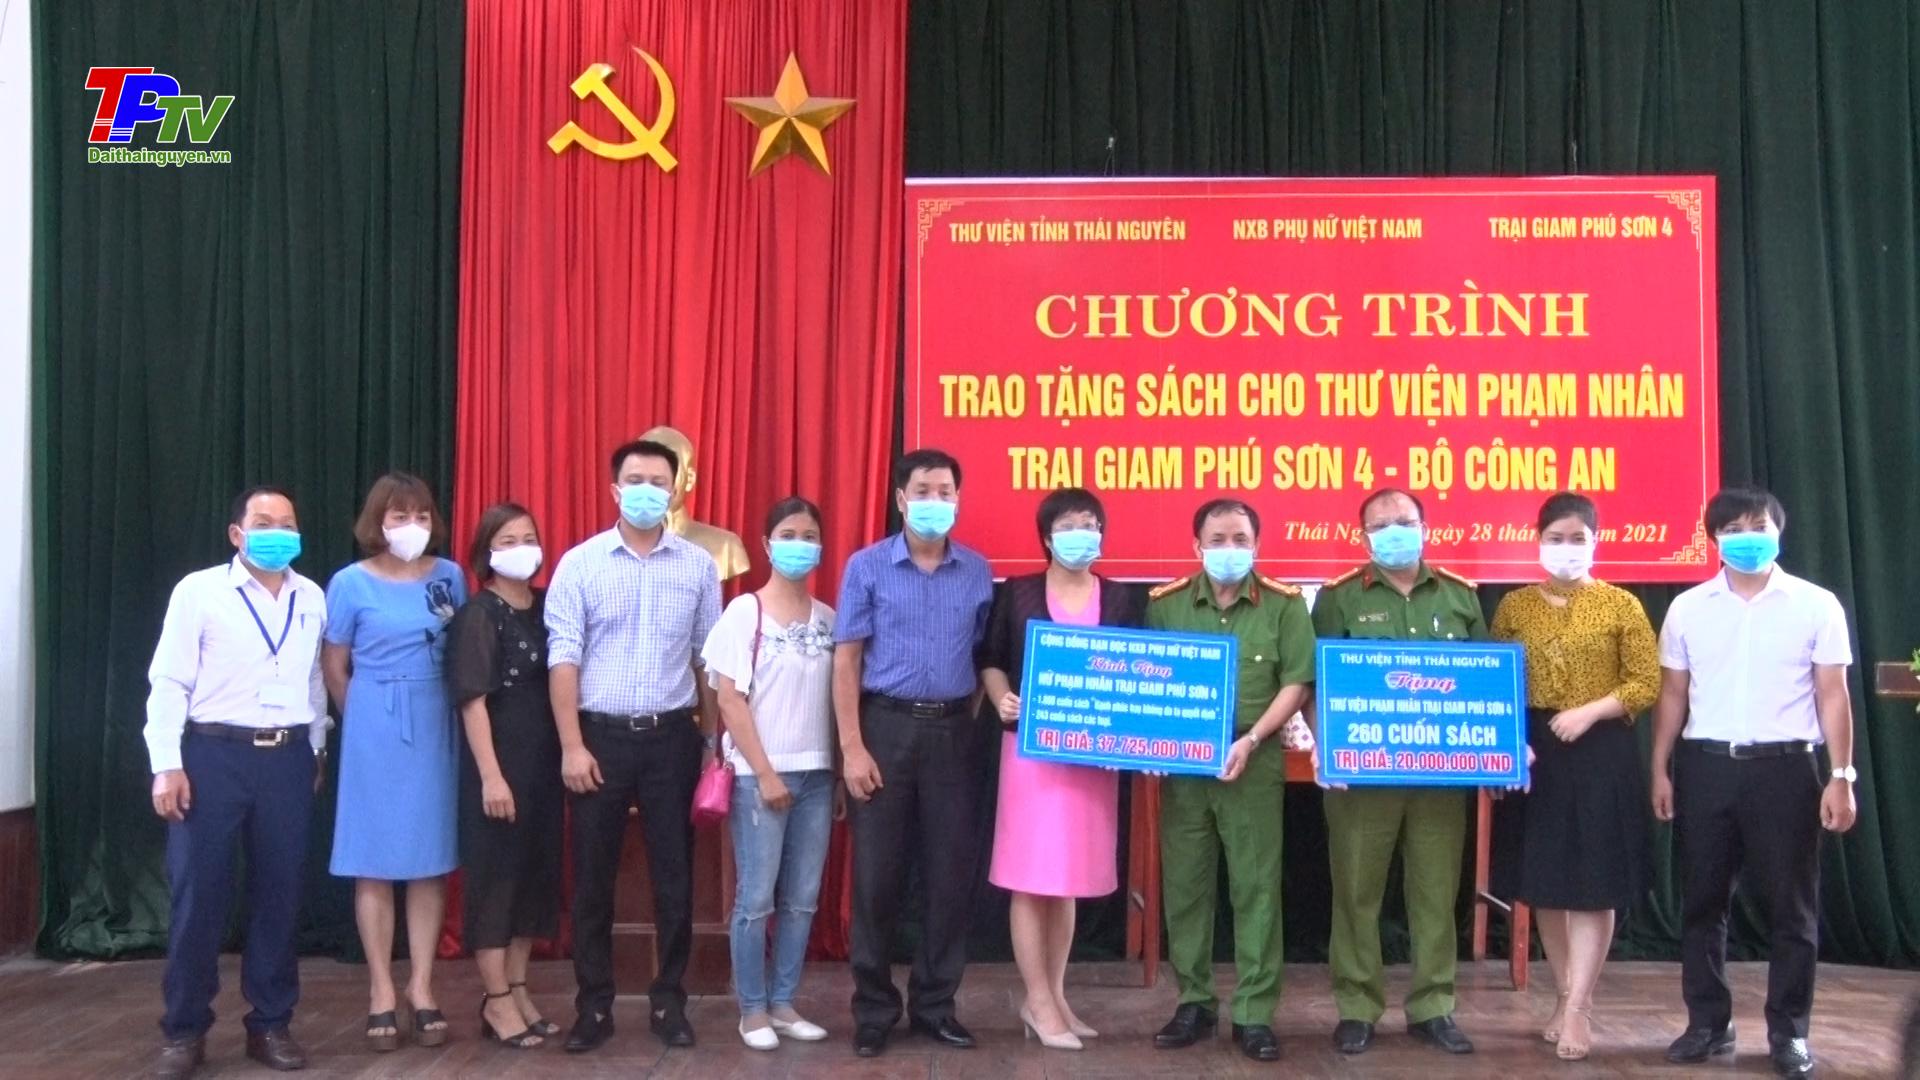 Trao tặng sách cho Thư viện phạm nhân Trại giam Phú Sơn 4 - Bộ Công an